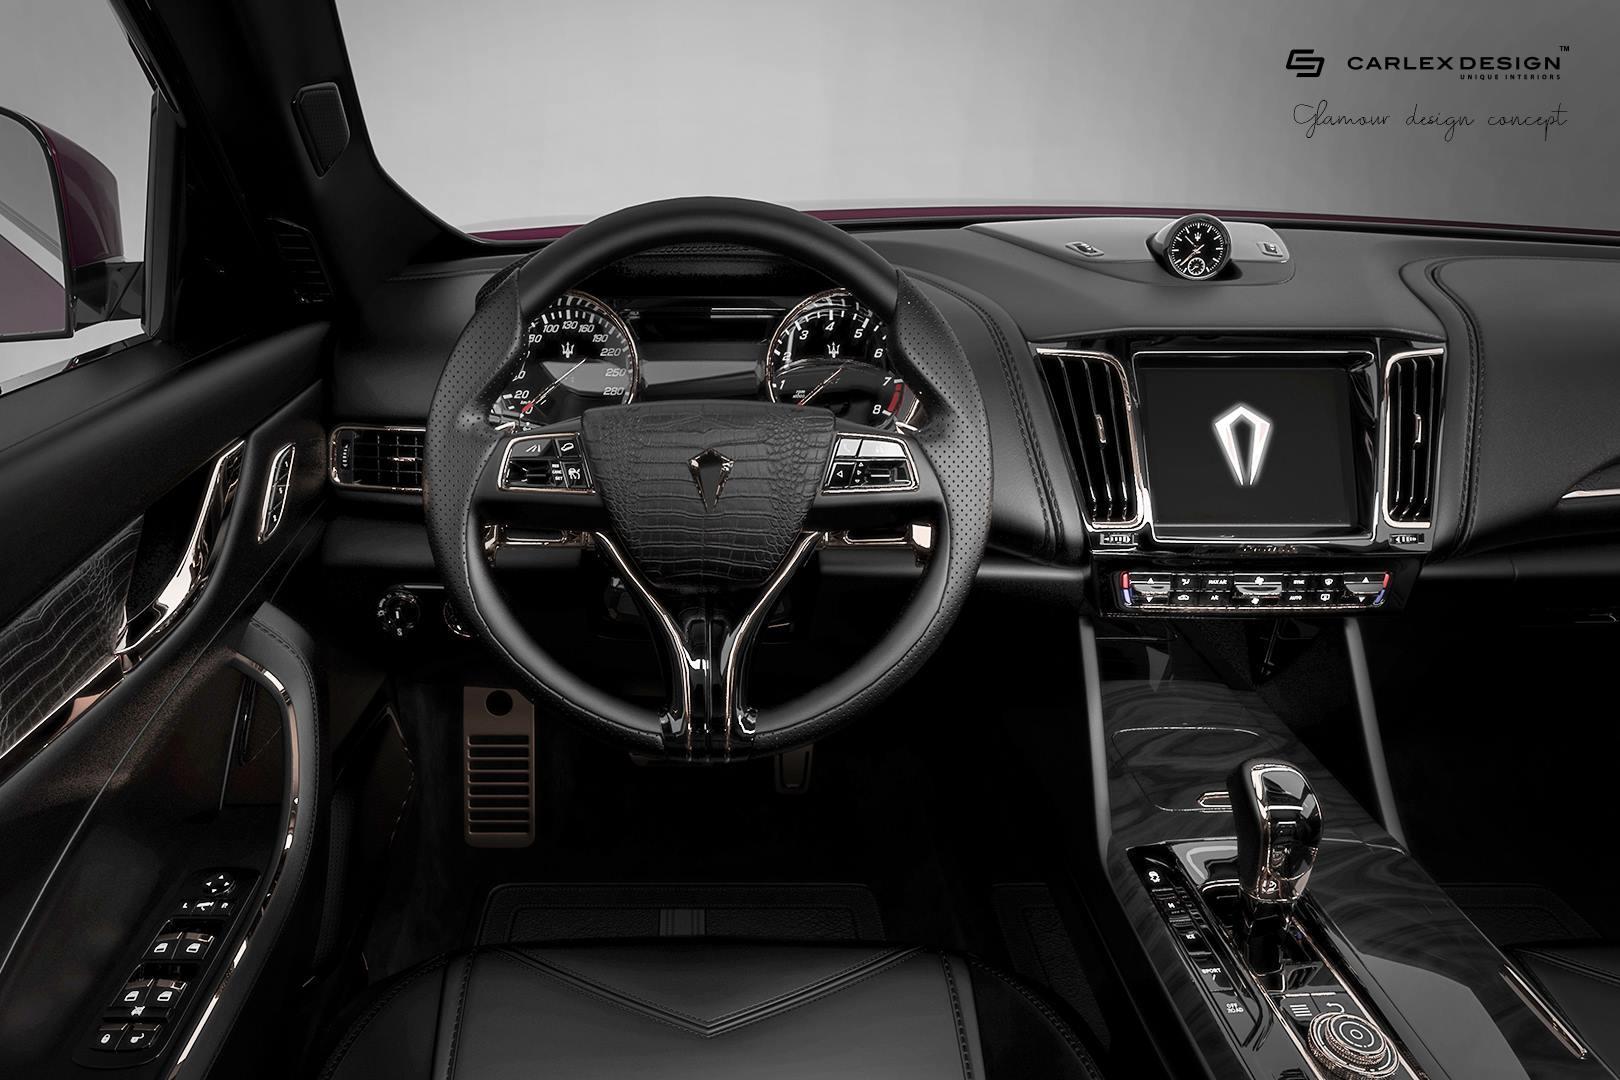 Maserati Levante de la Carlex Design - Maserati Levante de la Carlex Design